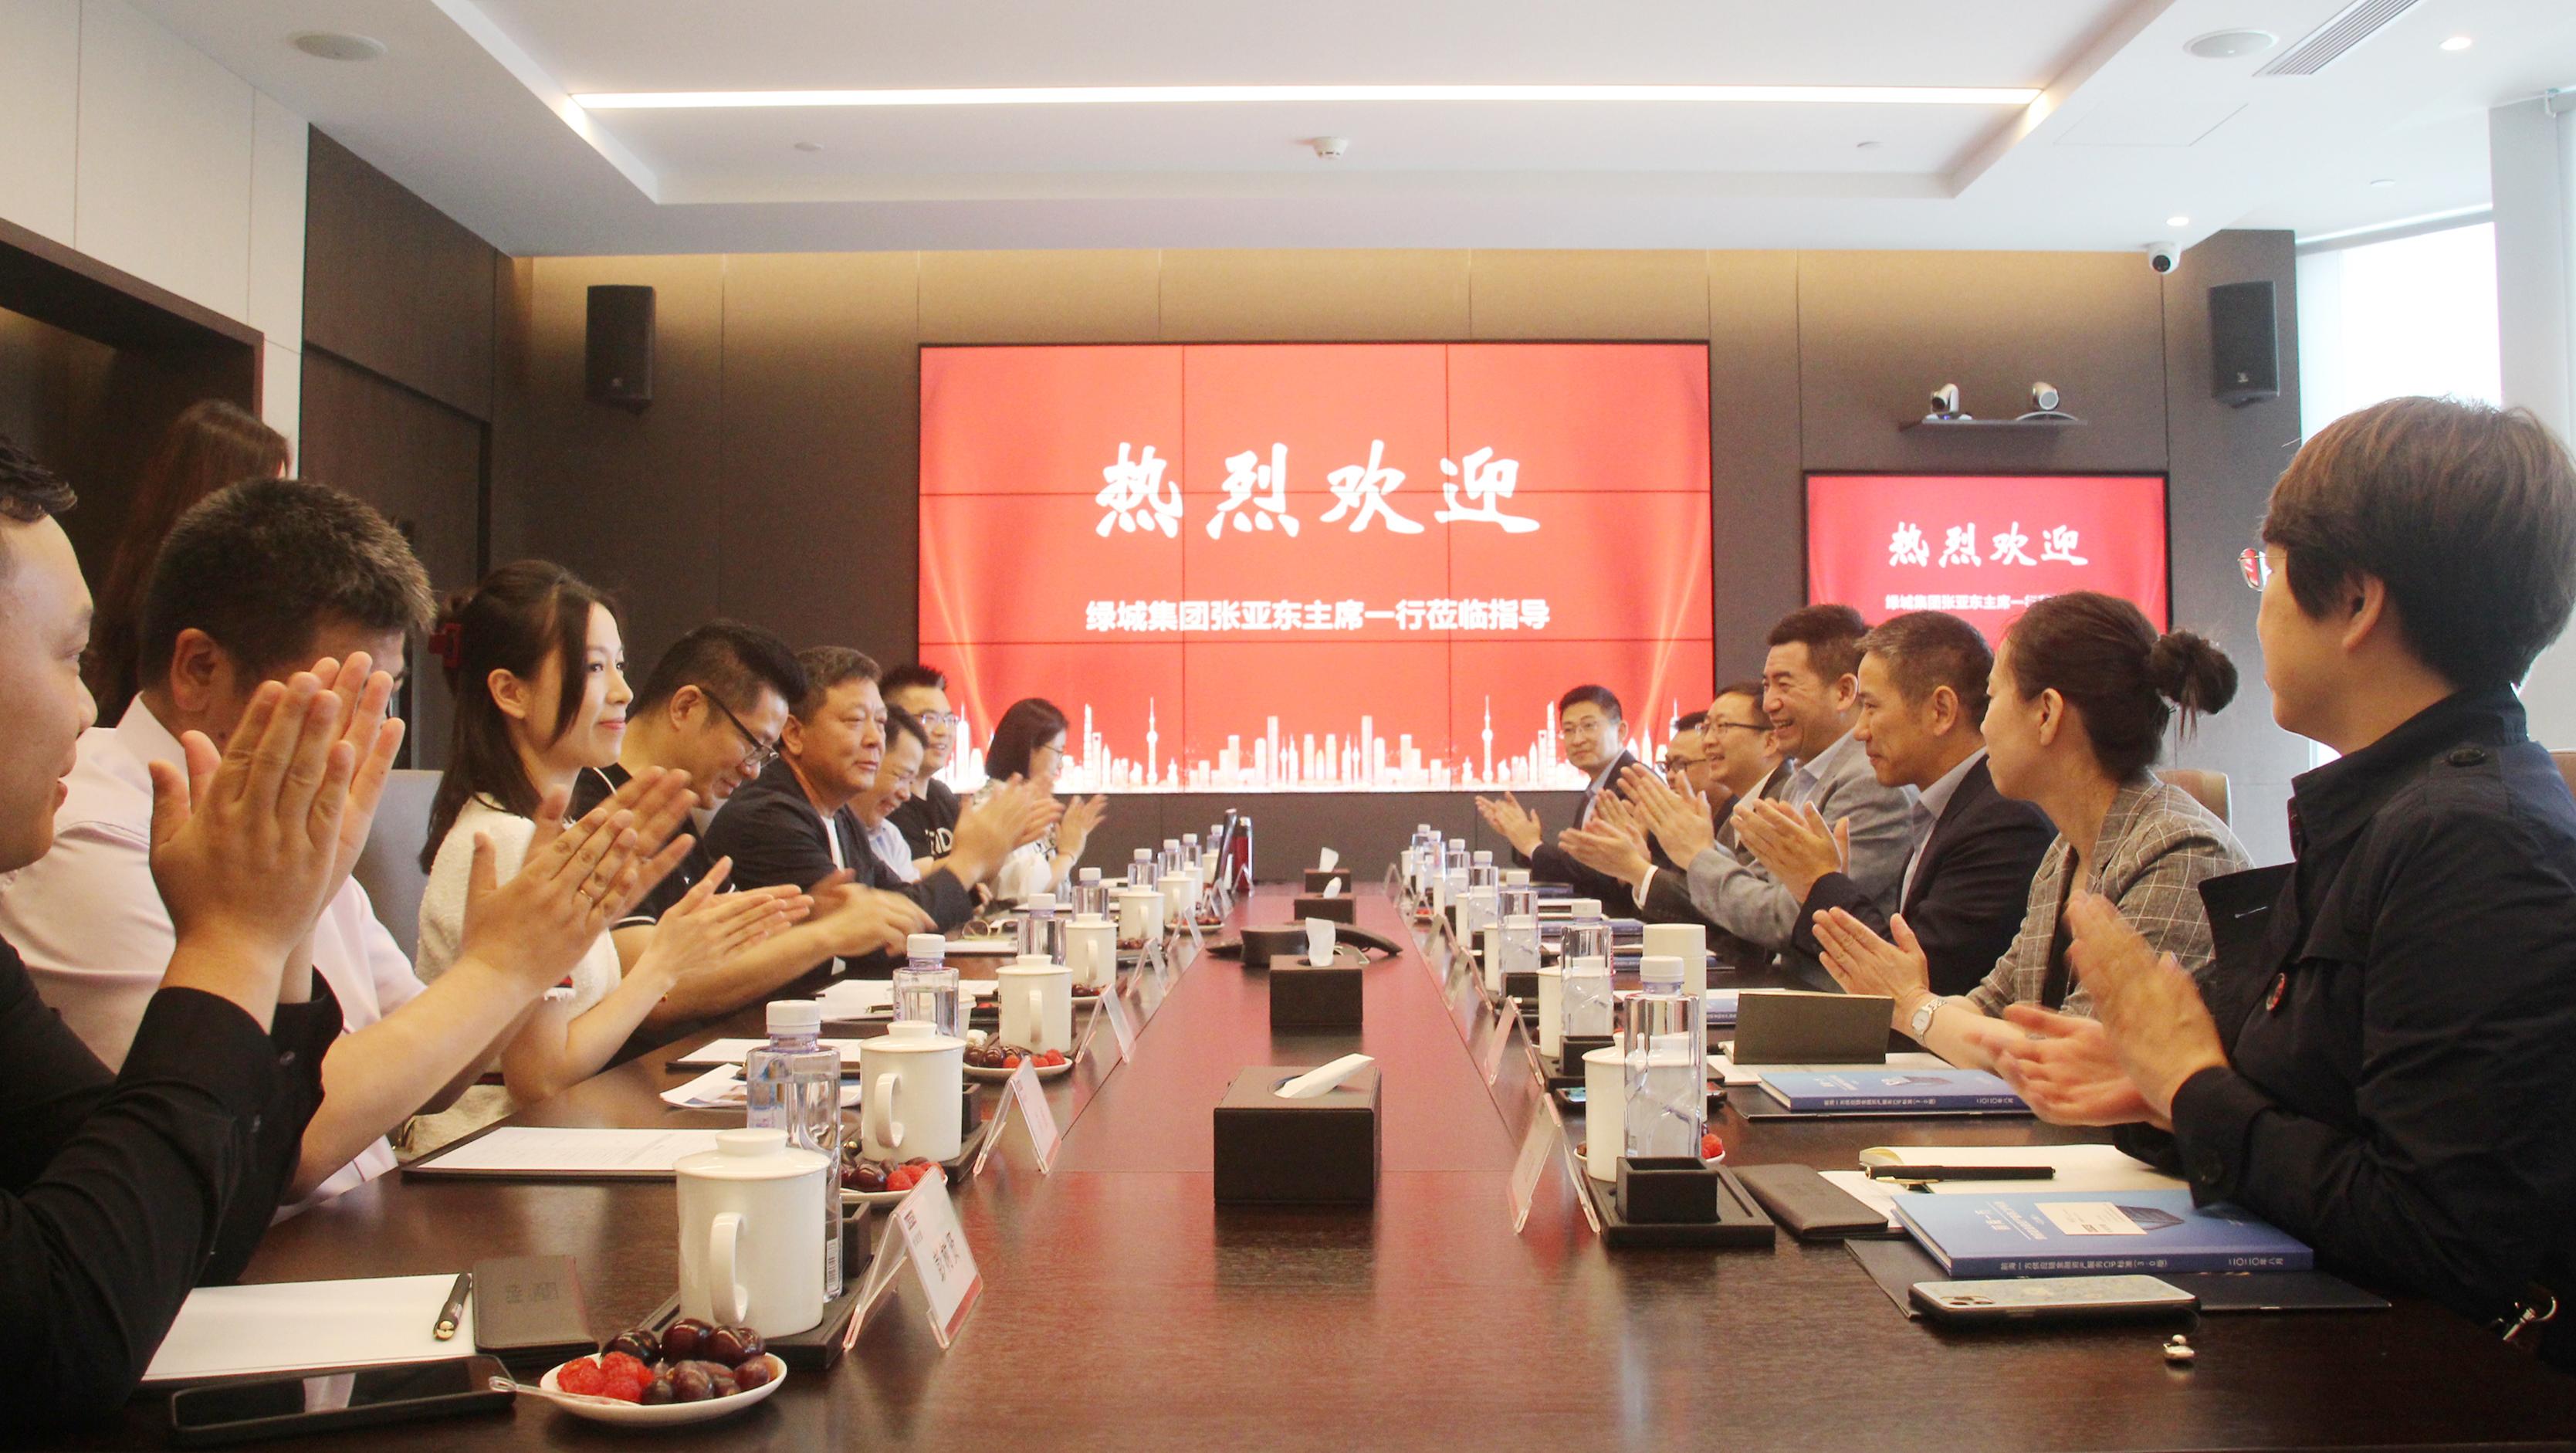 绿城中国董事会主席张亚东一行到访火狐体育官网集团